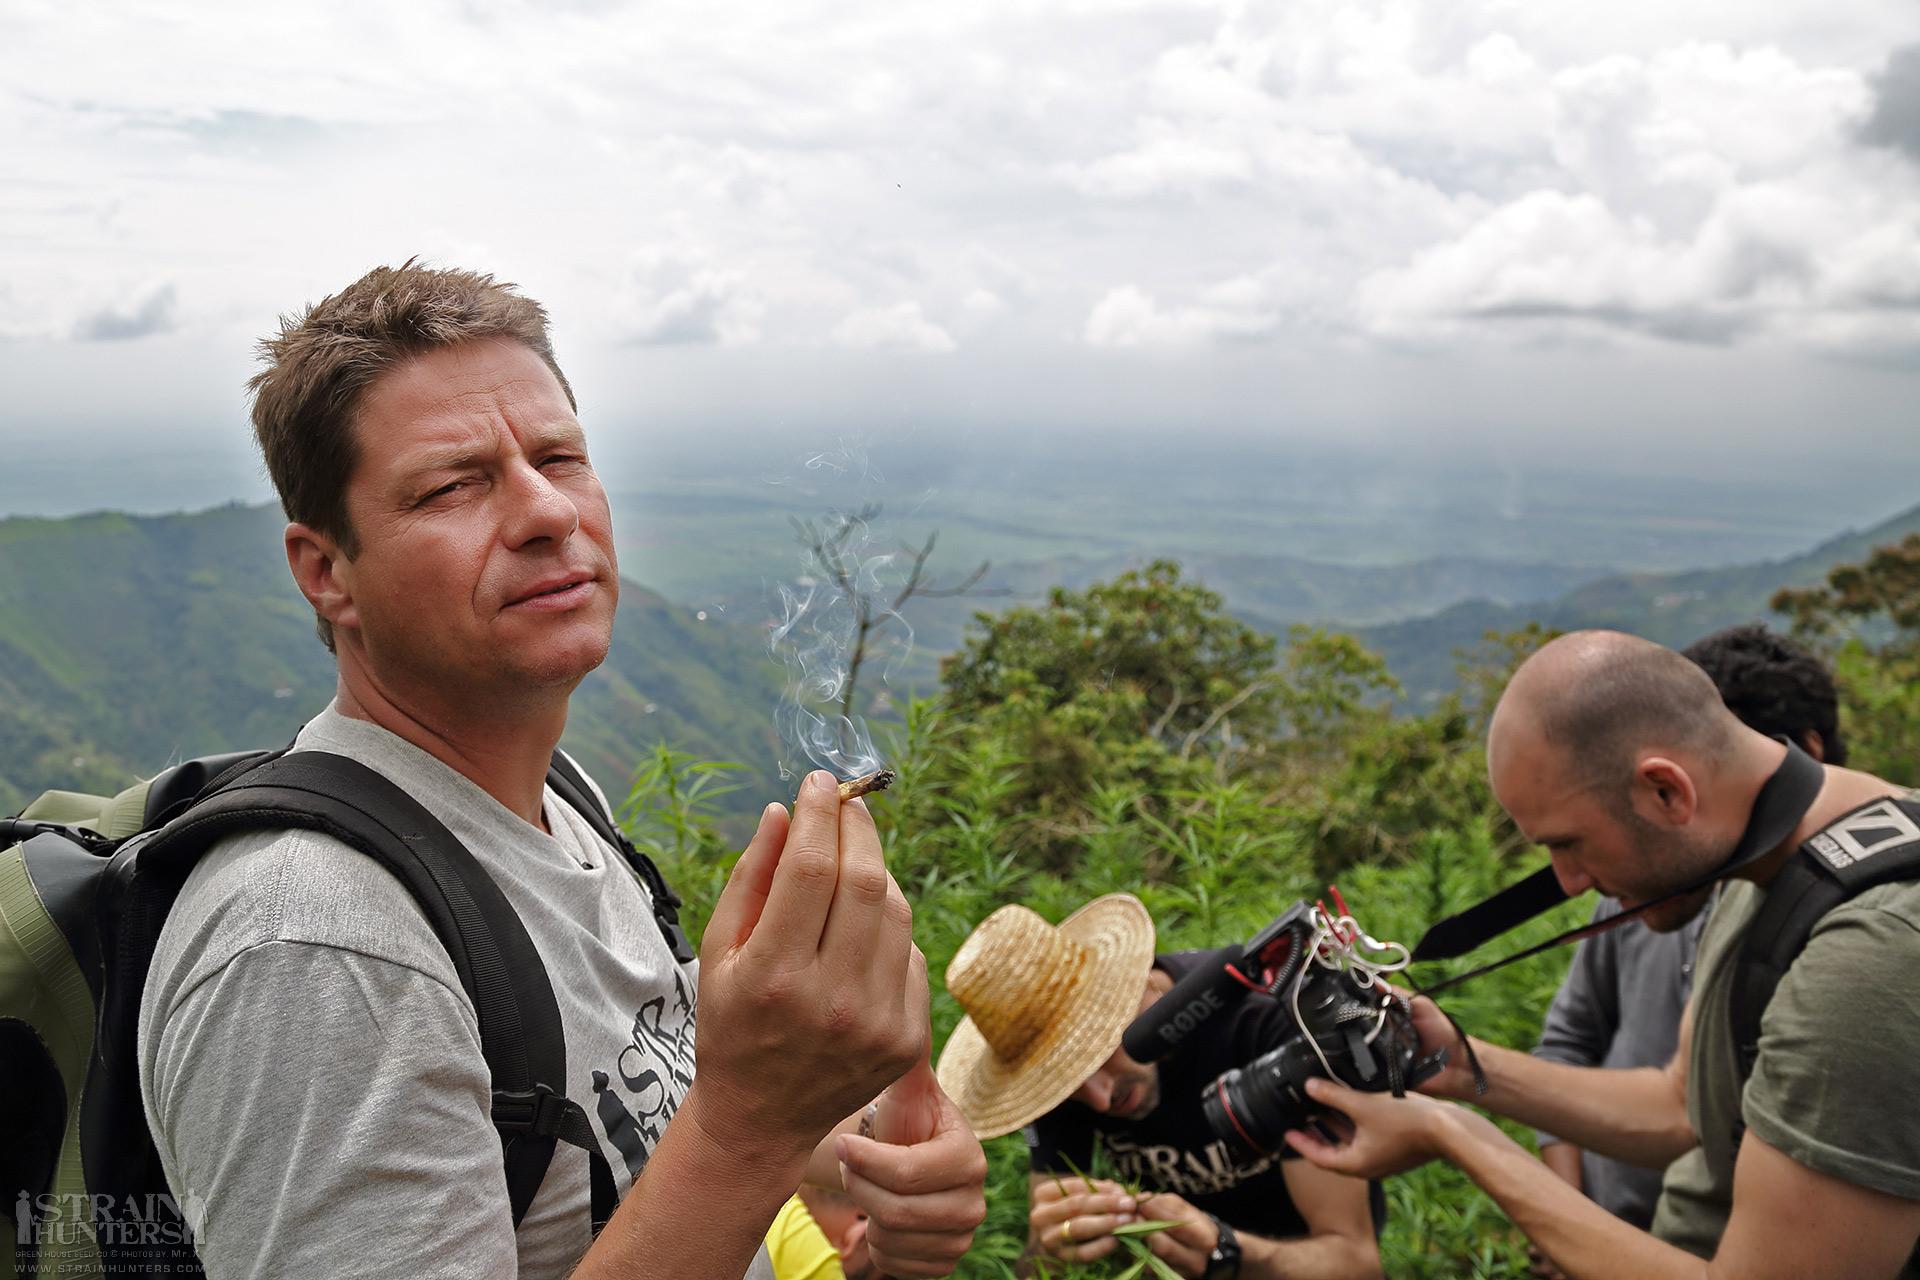 Arjan Roskam - Colombia - Kings of Cannabis - VICE.com